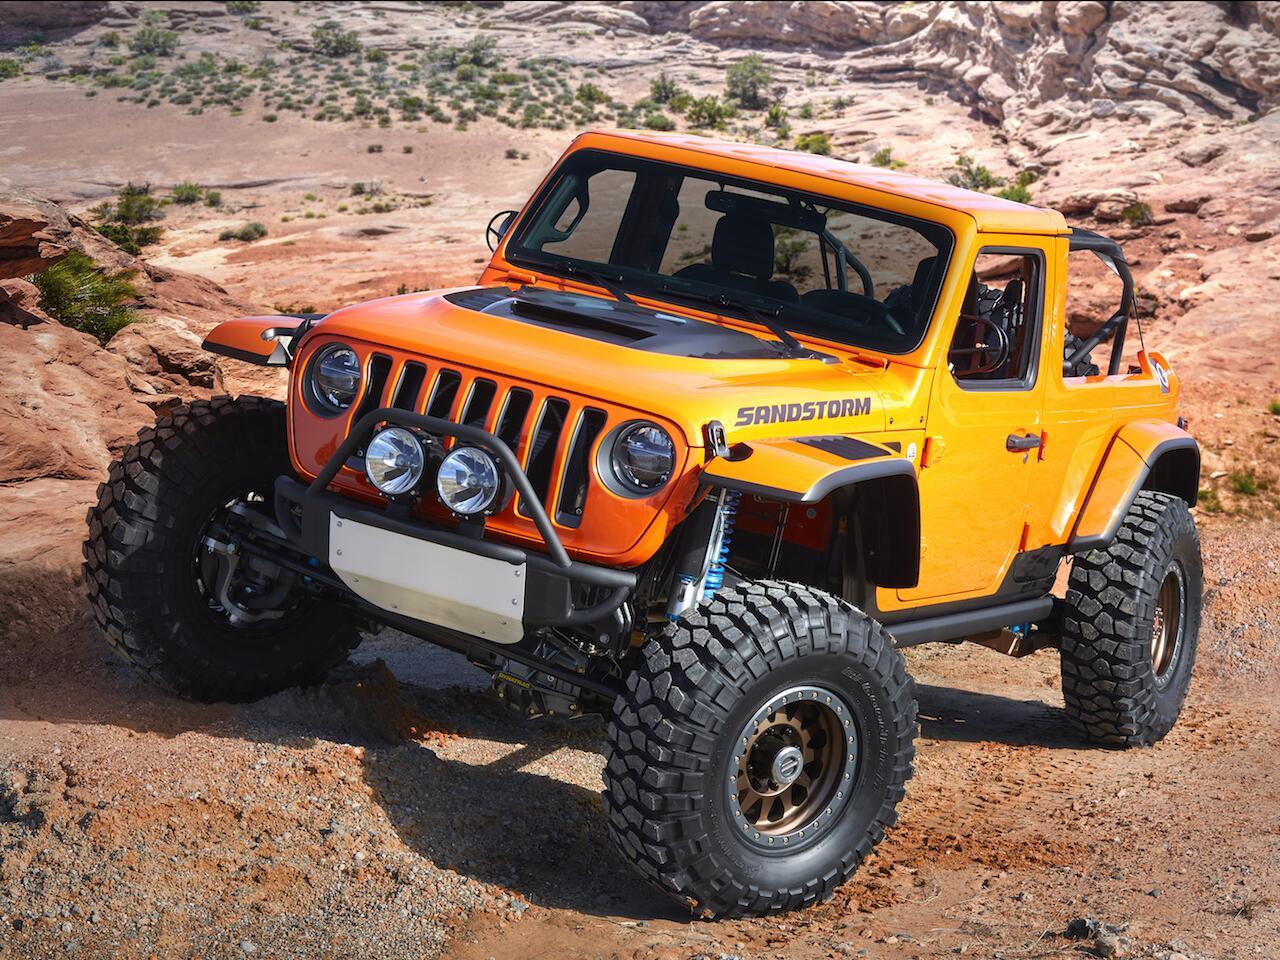 Bild zu Easter Jeep Safari: Die besten Offroad-Konzepte der letzten drei Jahre